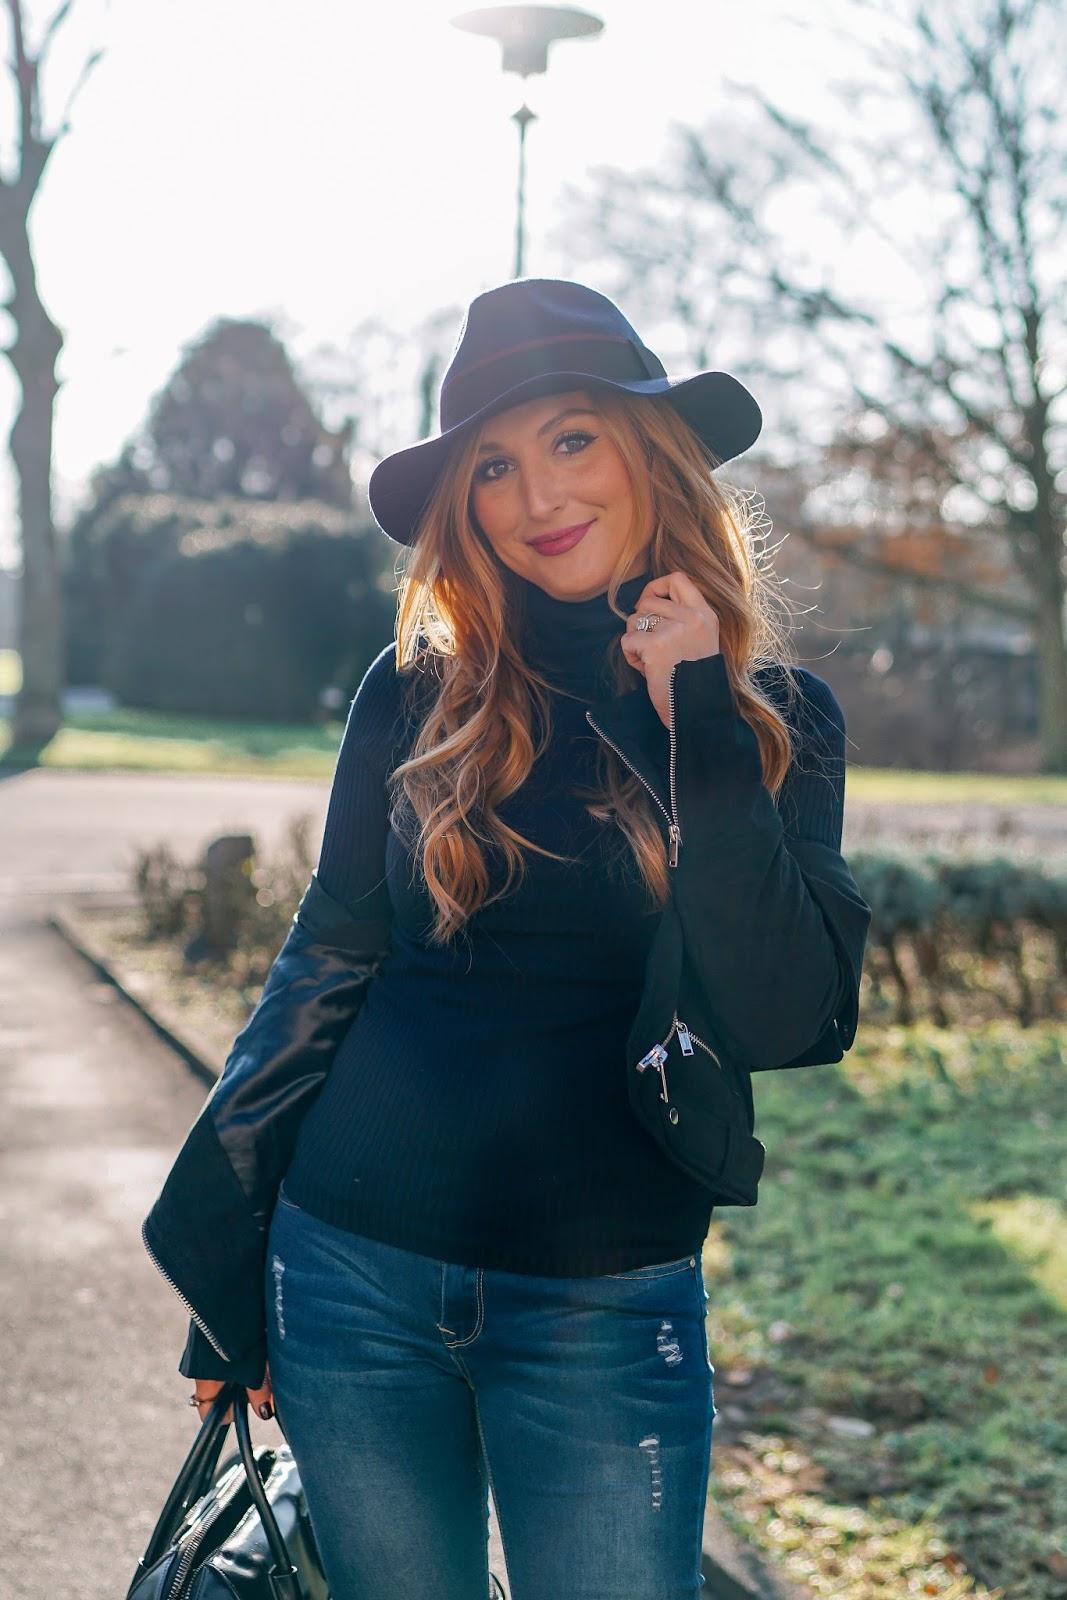 rollkragenpullover-Fedora-hut-kombinieren-wie-kombiniert-man-einen-fedora-hut-rolli-rollkragenpulli-fashionblogger-blogger-aus-deutschland-deutsche-fashionblogger-fashionstylebyjohanna